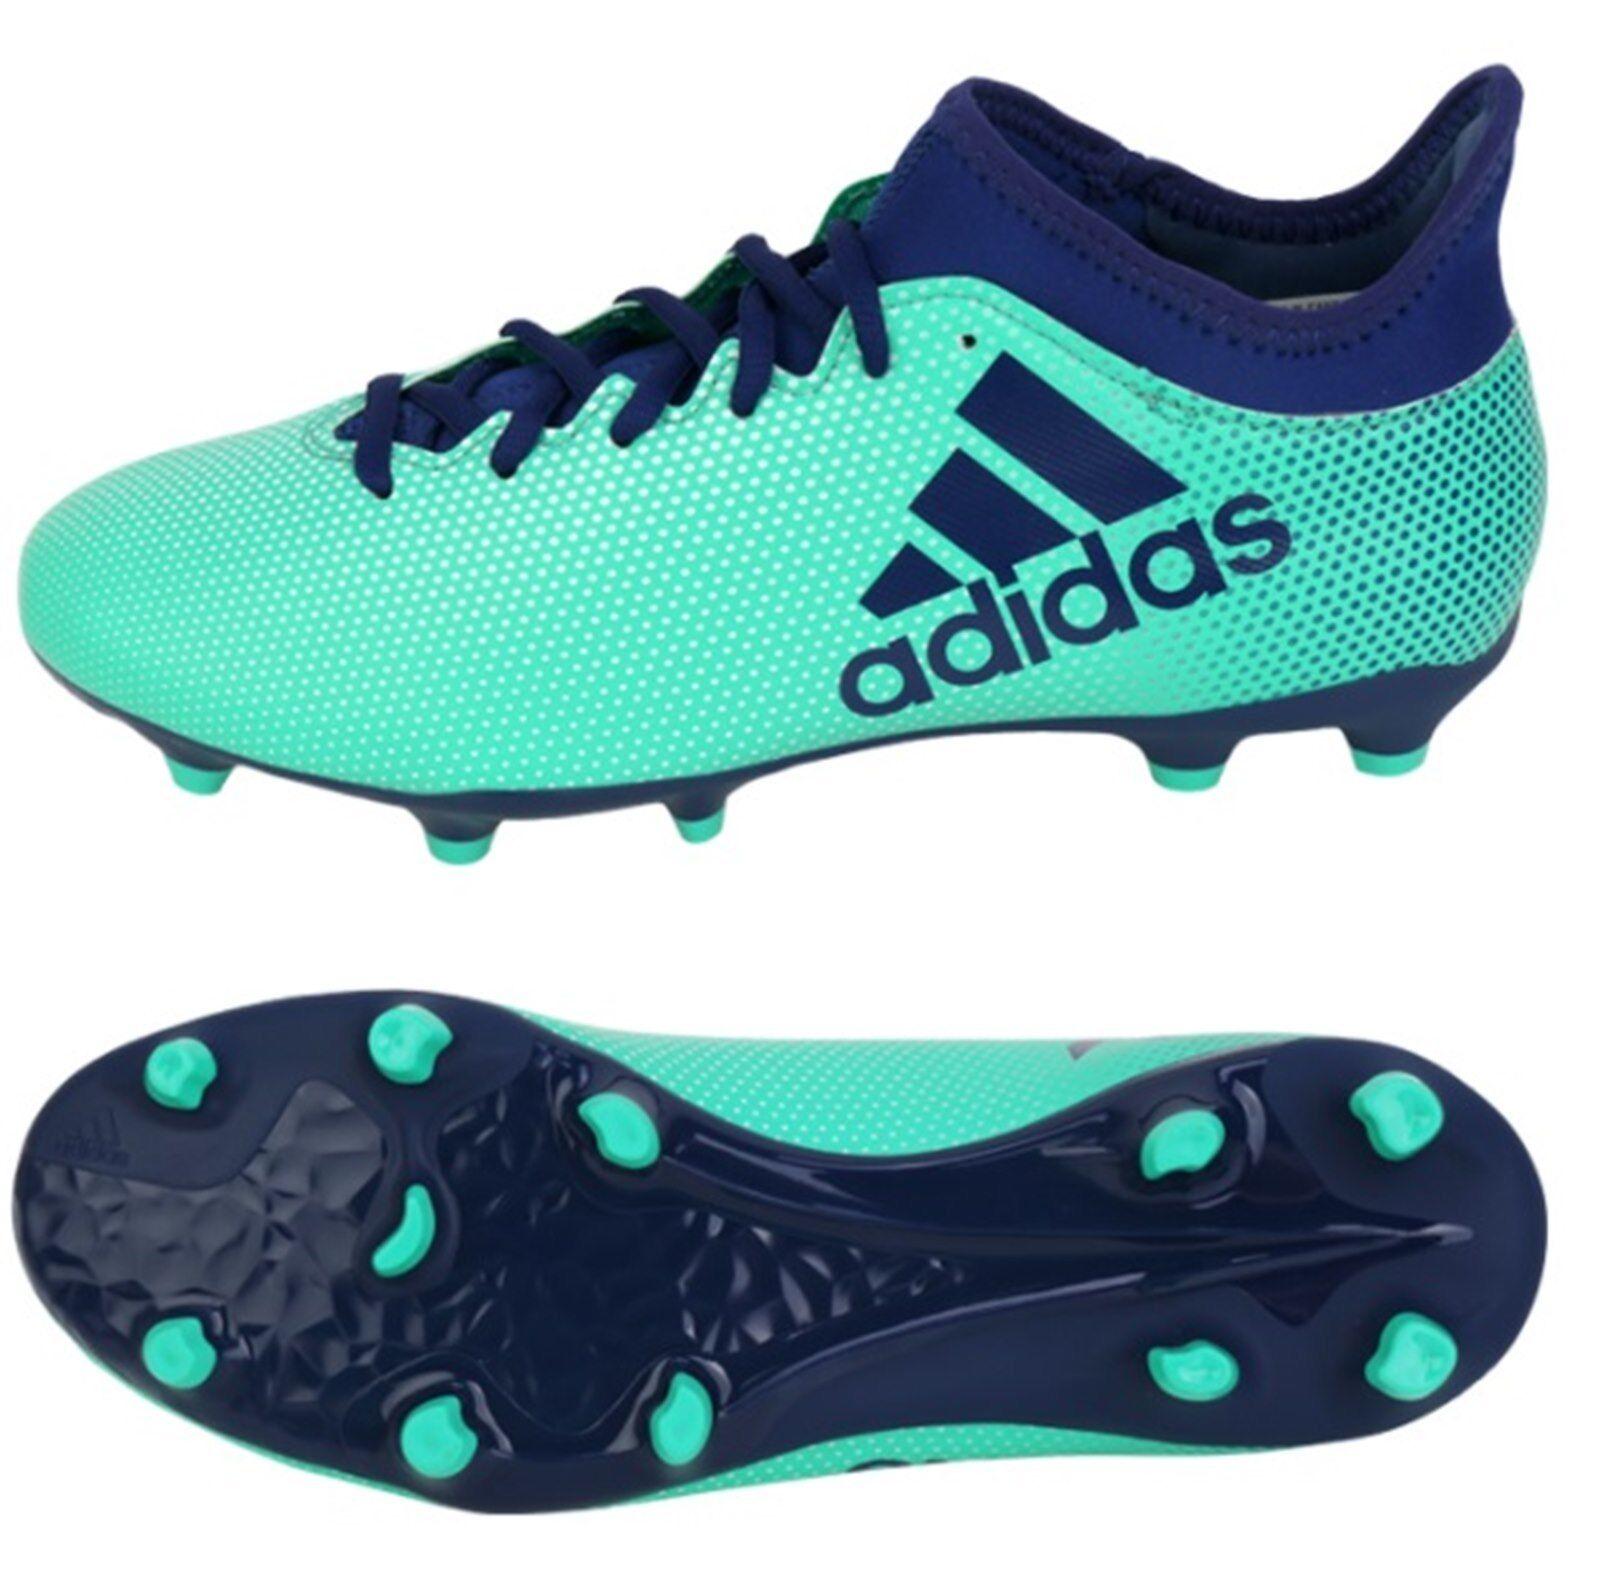 Adidas Hombres X 17.3 FG Botines de Menta Azul Zapatos De Fútbol botas Spike CP9194